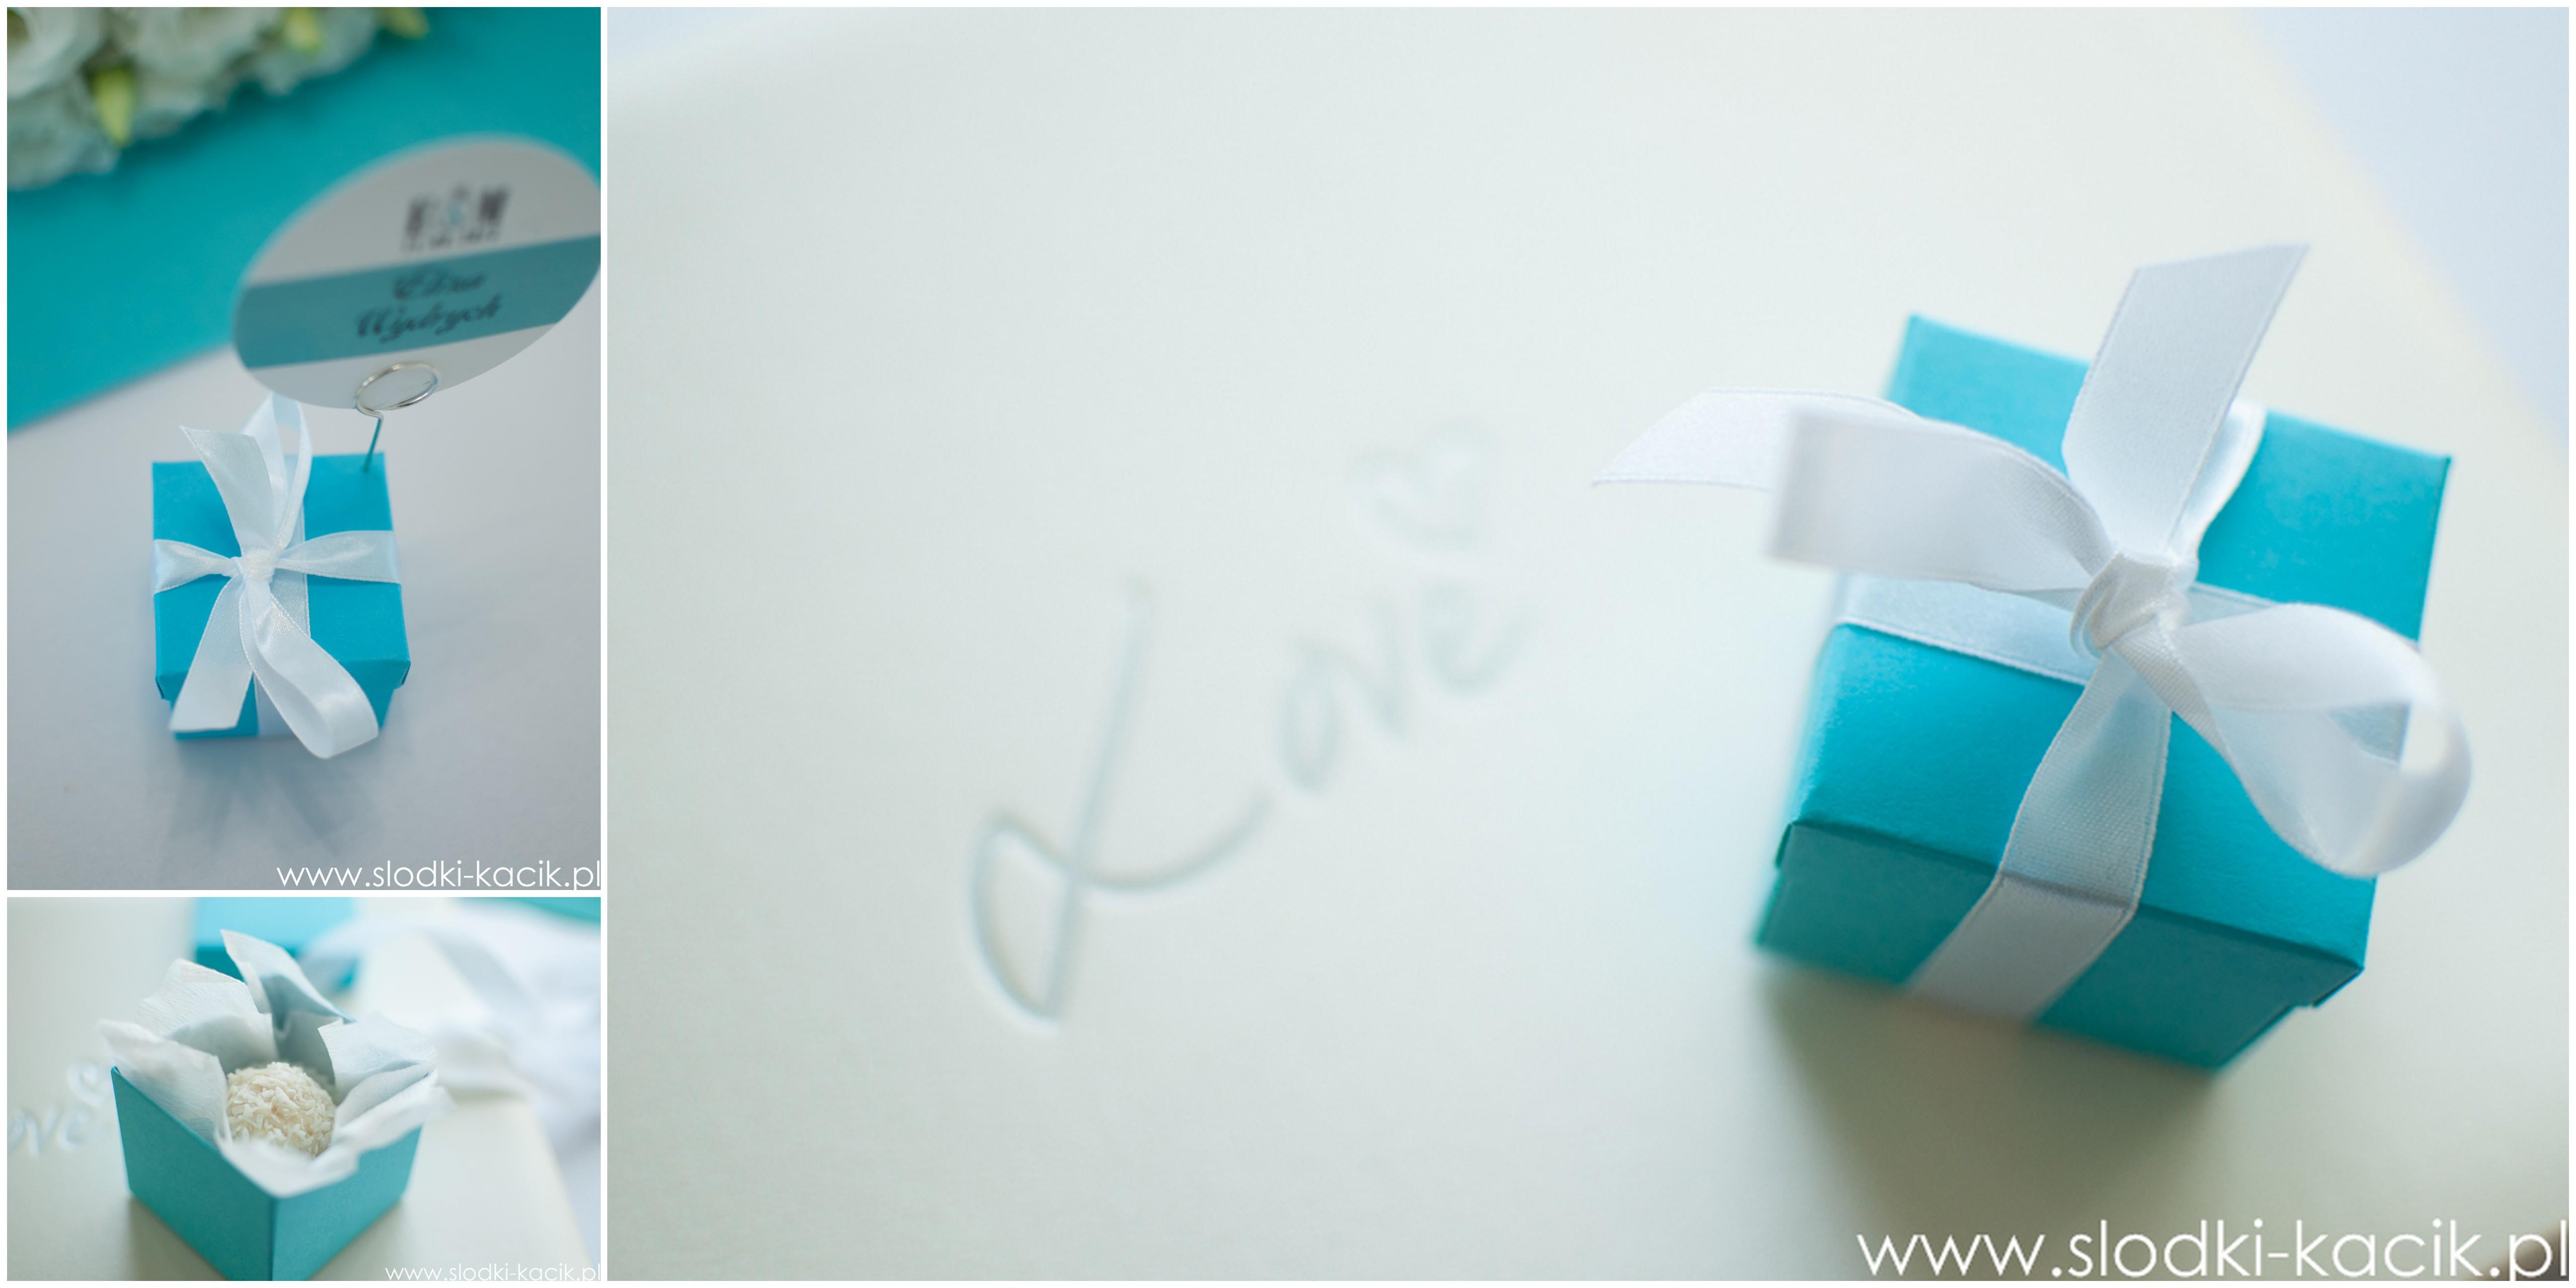 Słodki Kącik tiffany blue, słodki stół, słodki bufet, candy bar, tort weselny, ciasto wesele, ślub, pavlova, ciasteczka, słodycze, lizaki, buteleczki, cakepop, cupcake,  popcorn (8)